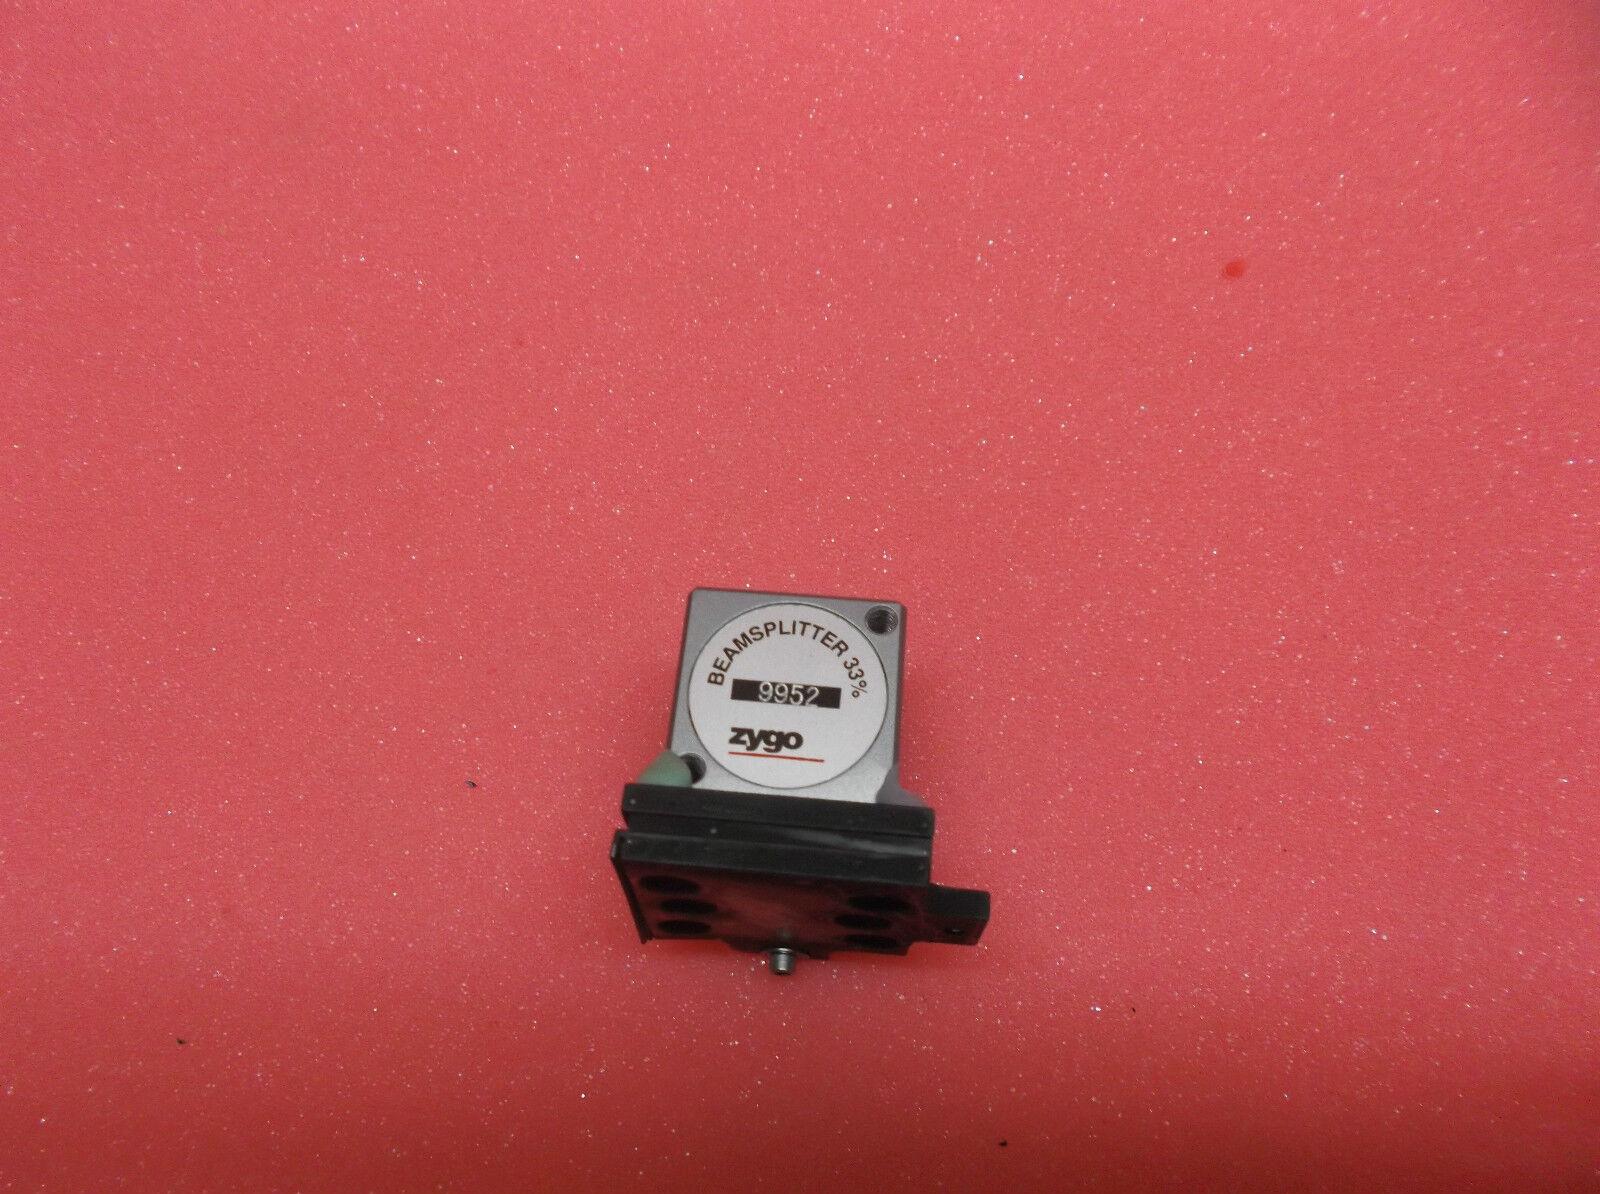 ZYGO 9952 33% Beam Splitter